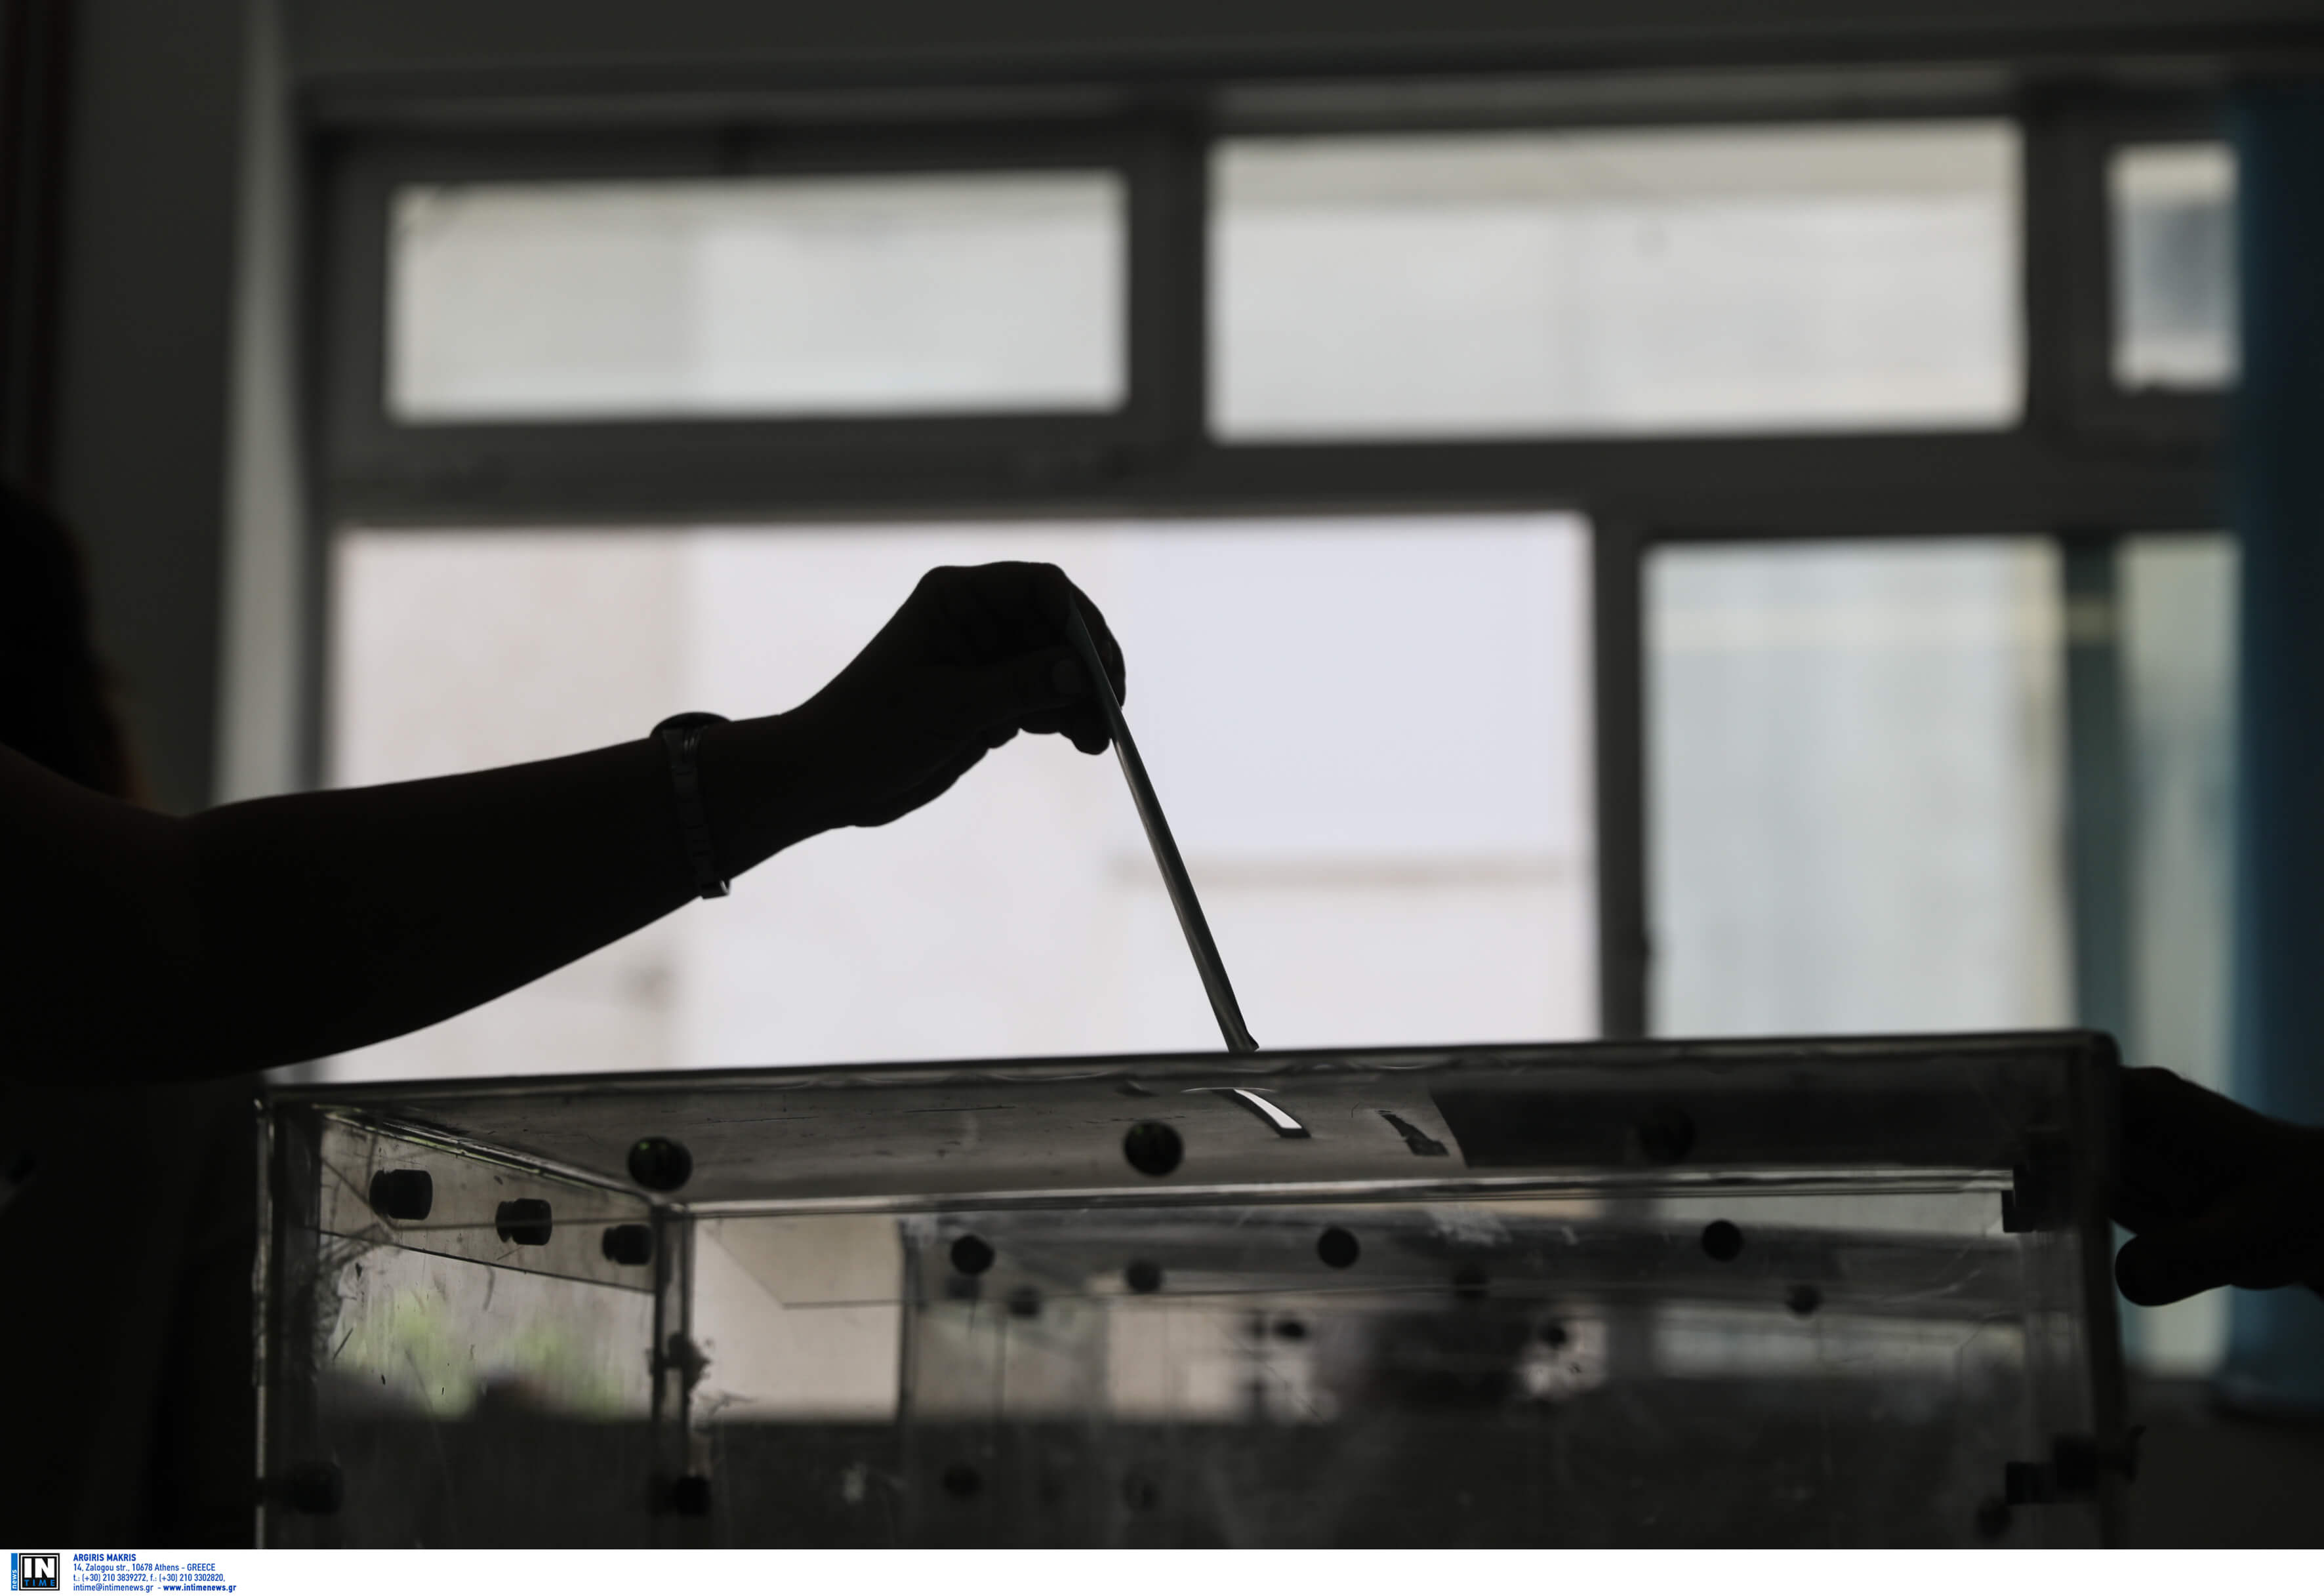 Βουλγαρία: Στις 4 Απριλίου οι βουλευτικές εκλογές